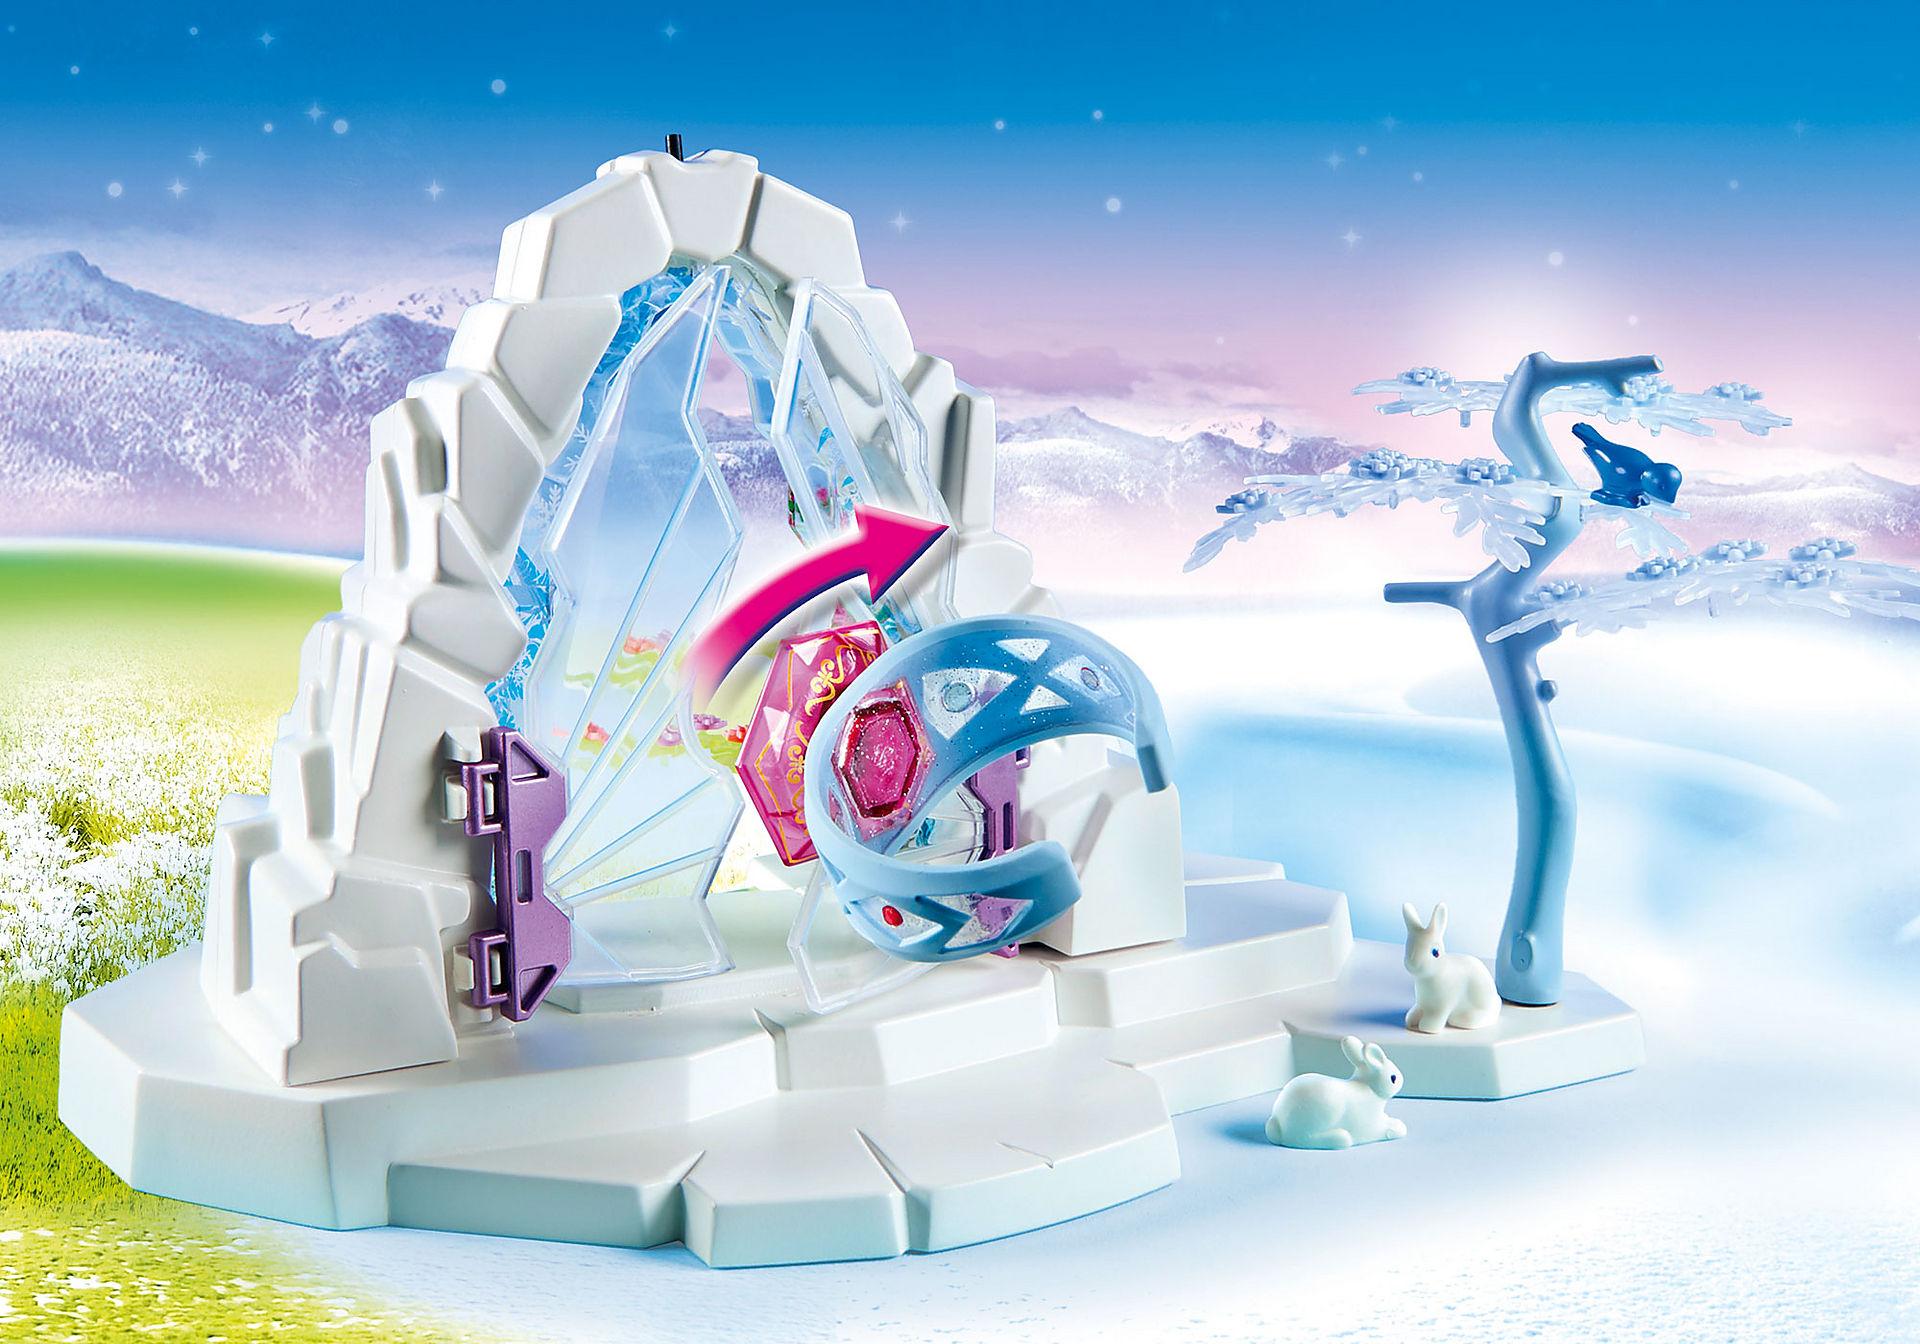 9471 Kristallen poort naar Winterland zoom image5